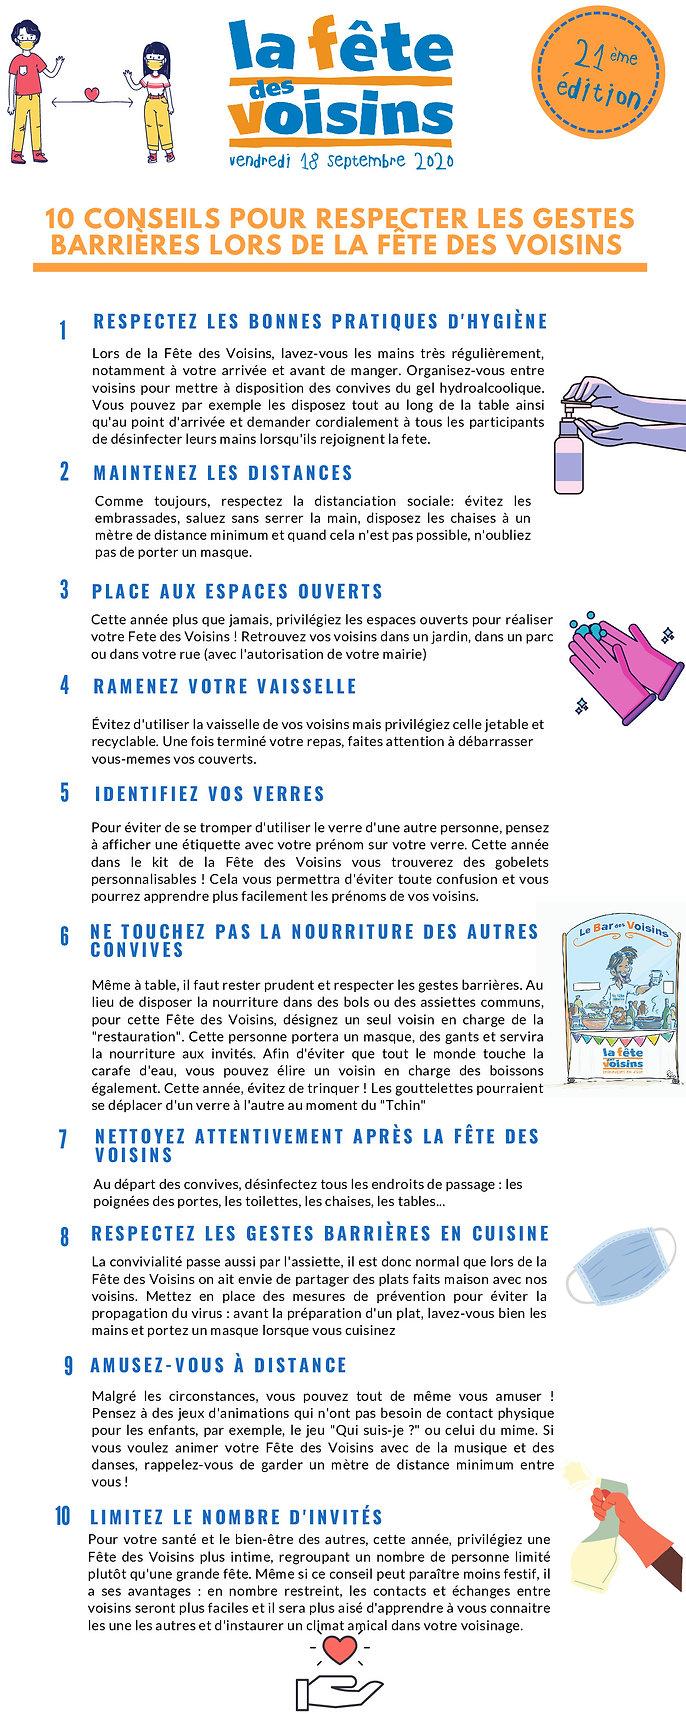 10_Conseils_Gestes_barrières.jpg